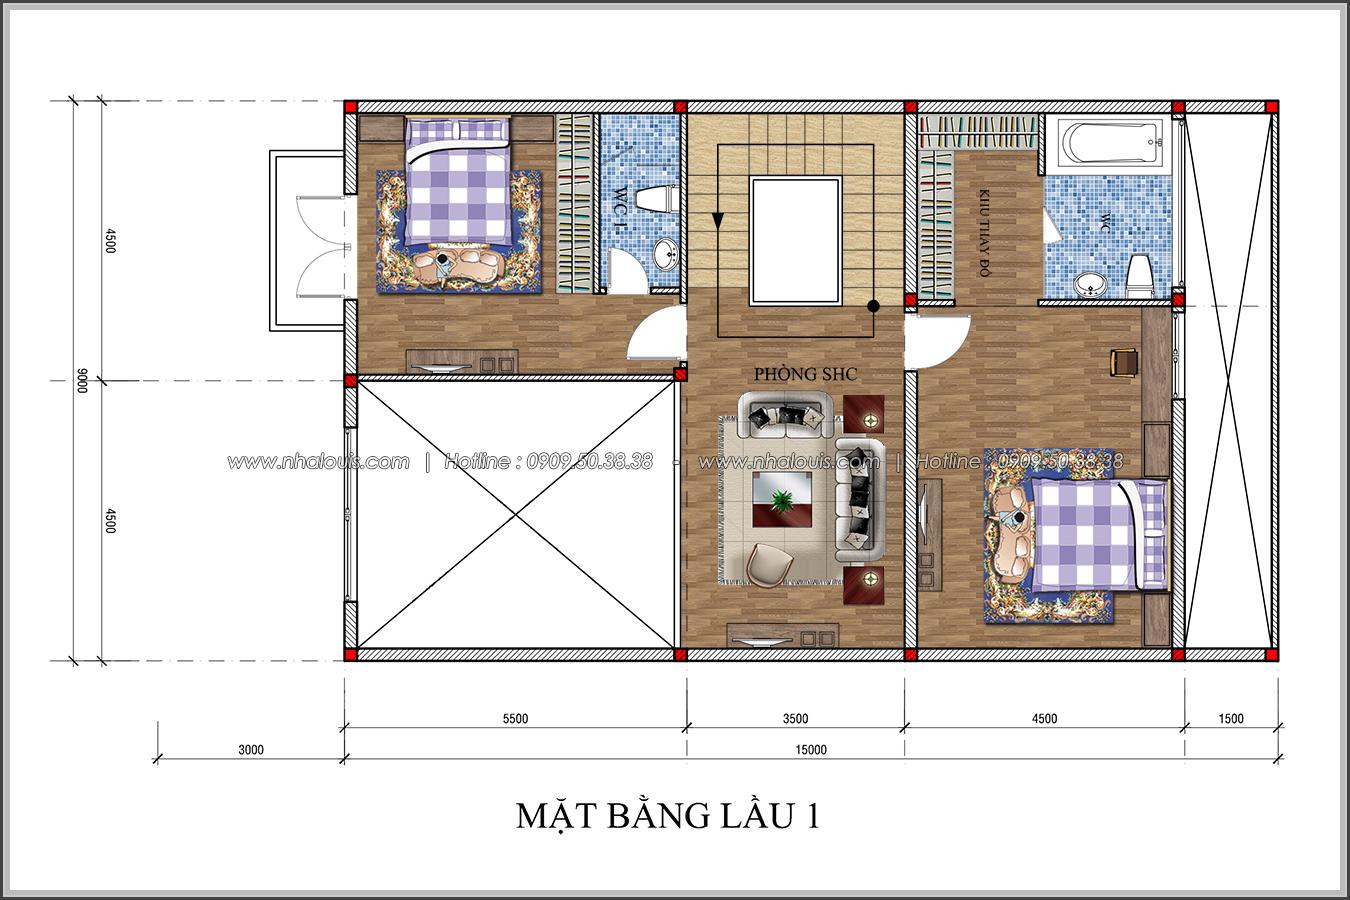 Thiết kế biệt thự tân cổ điển tại Đồng Nai nổi bật trên đường phố tấp nập - 04